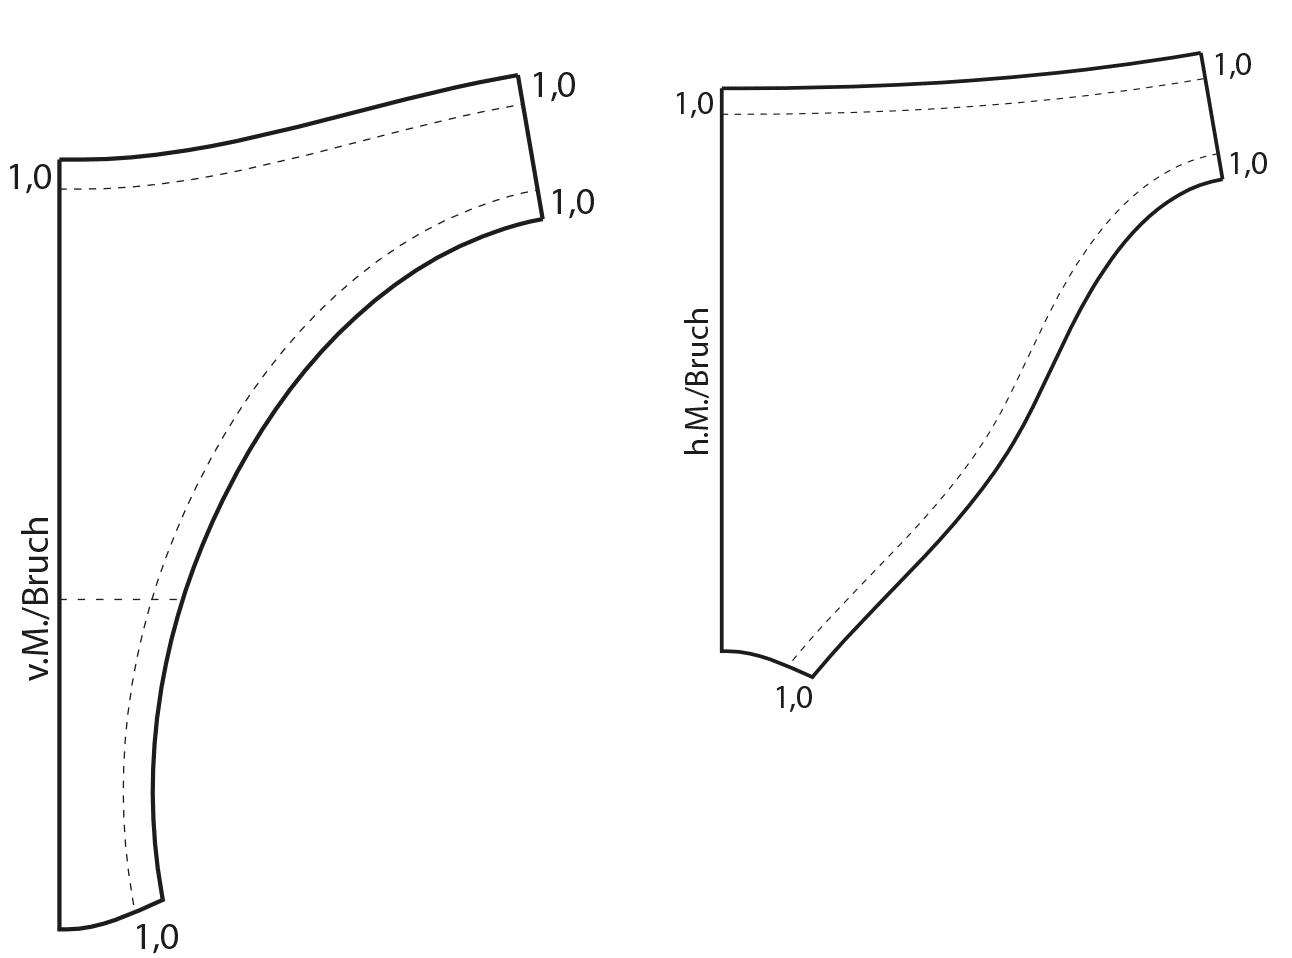 Die Schnittteile der Vorder- und Hinterhose werden rauskopiert und anschließend die Paspelpositionen der Taillenpaspel und der Beinauschnittpaspeln mit jeweils 1,0 cm eingezeichnet.